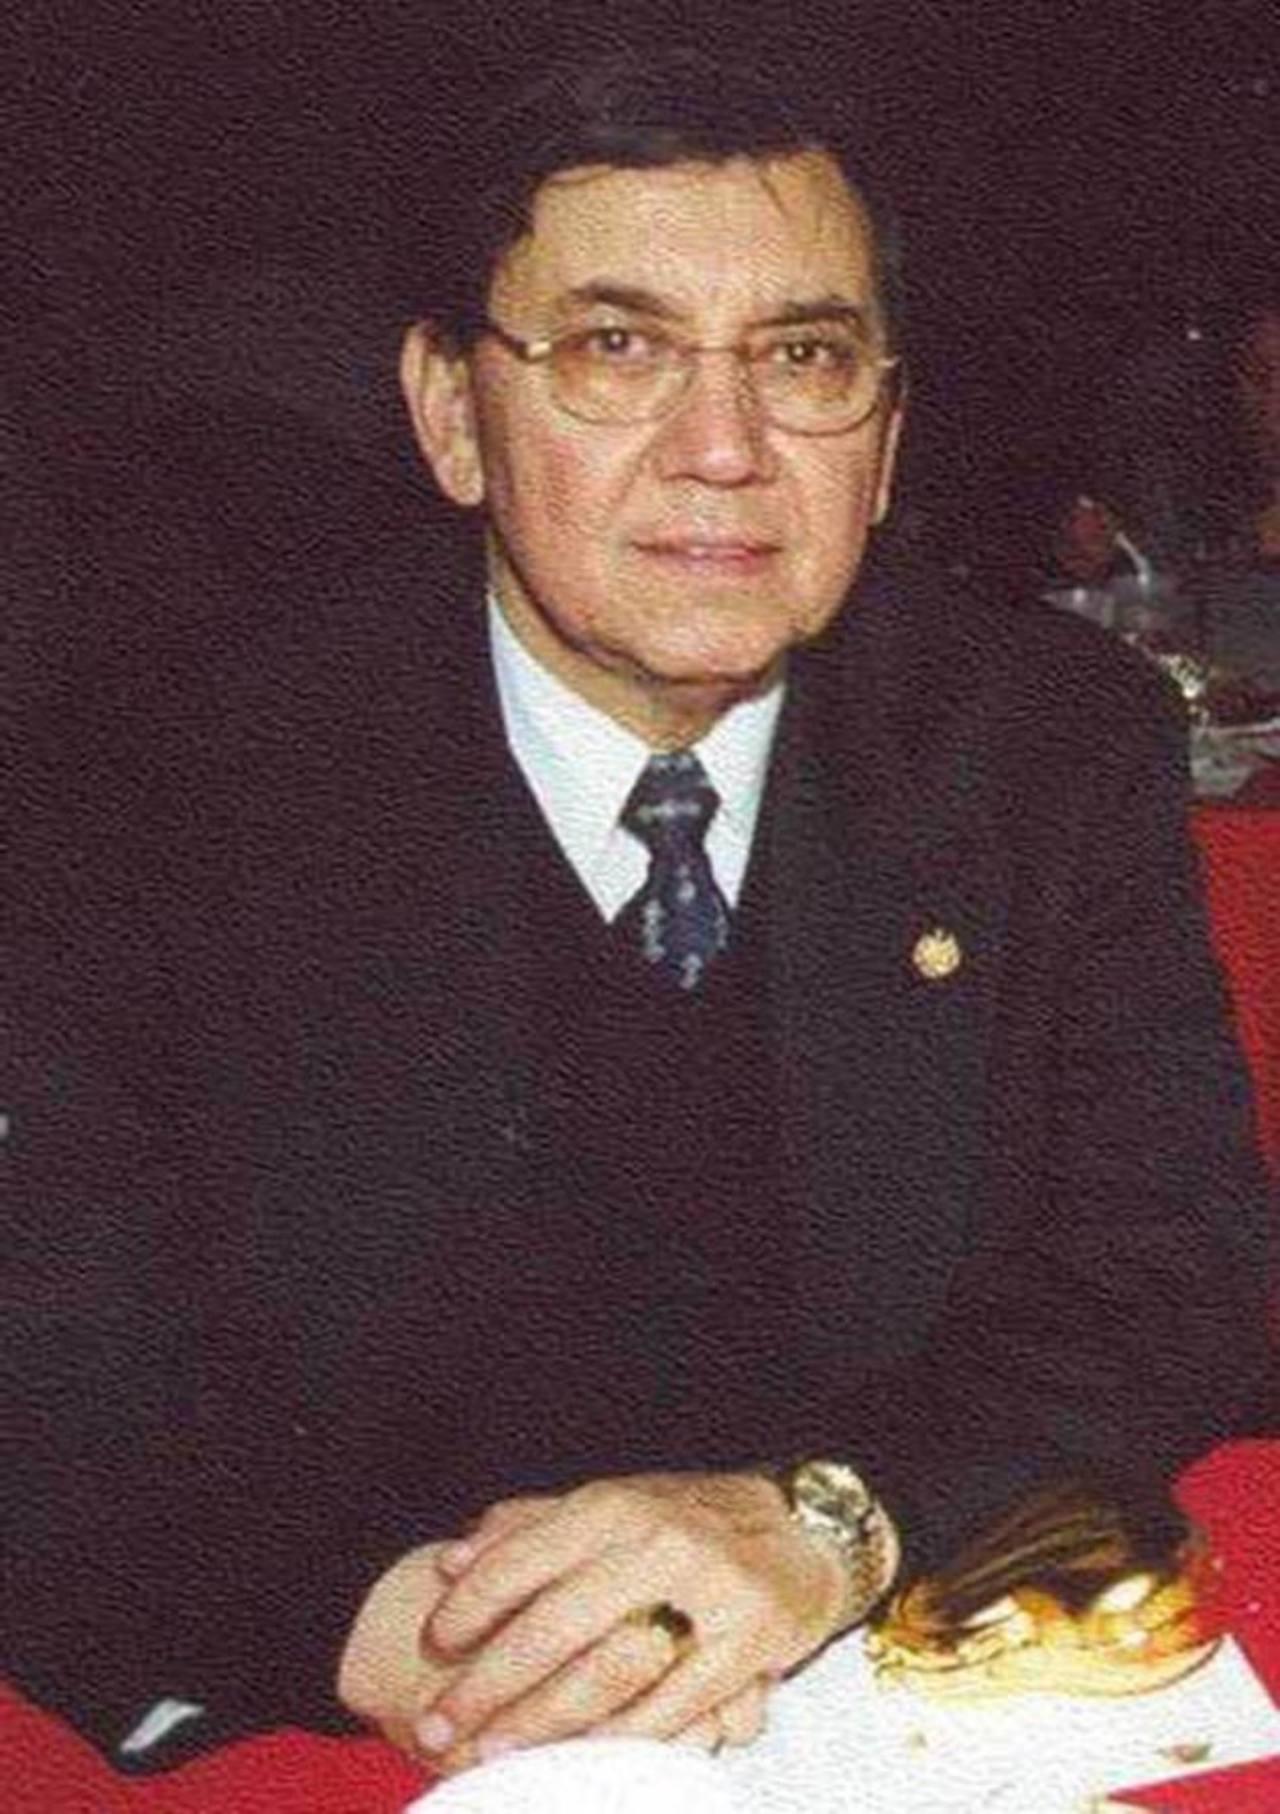 Óscar Benavides dirigió la sede diplomática entre 2004 y 2008. No se presentó el martes ante el juez. Foto EDH